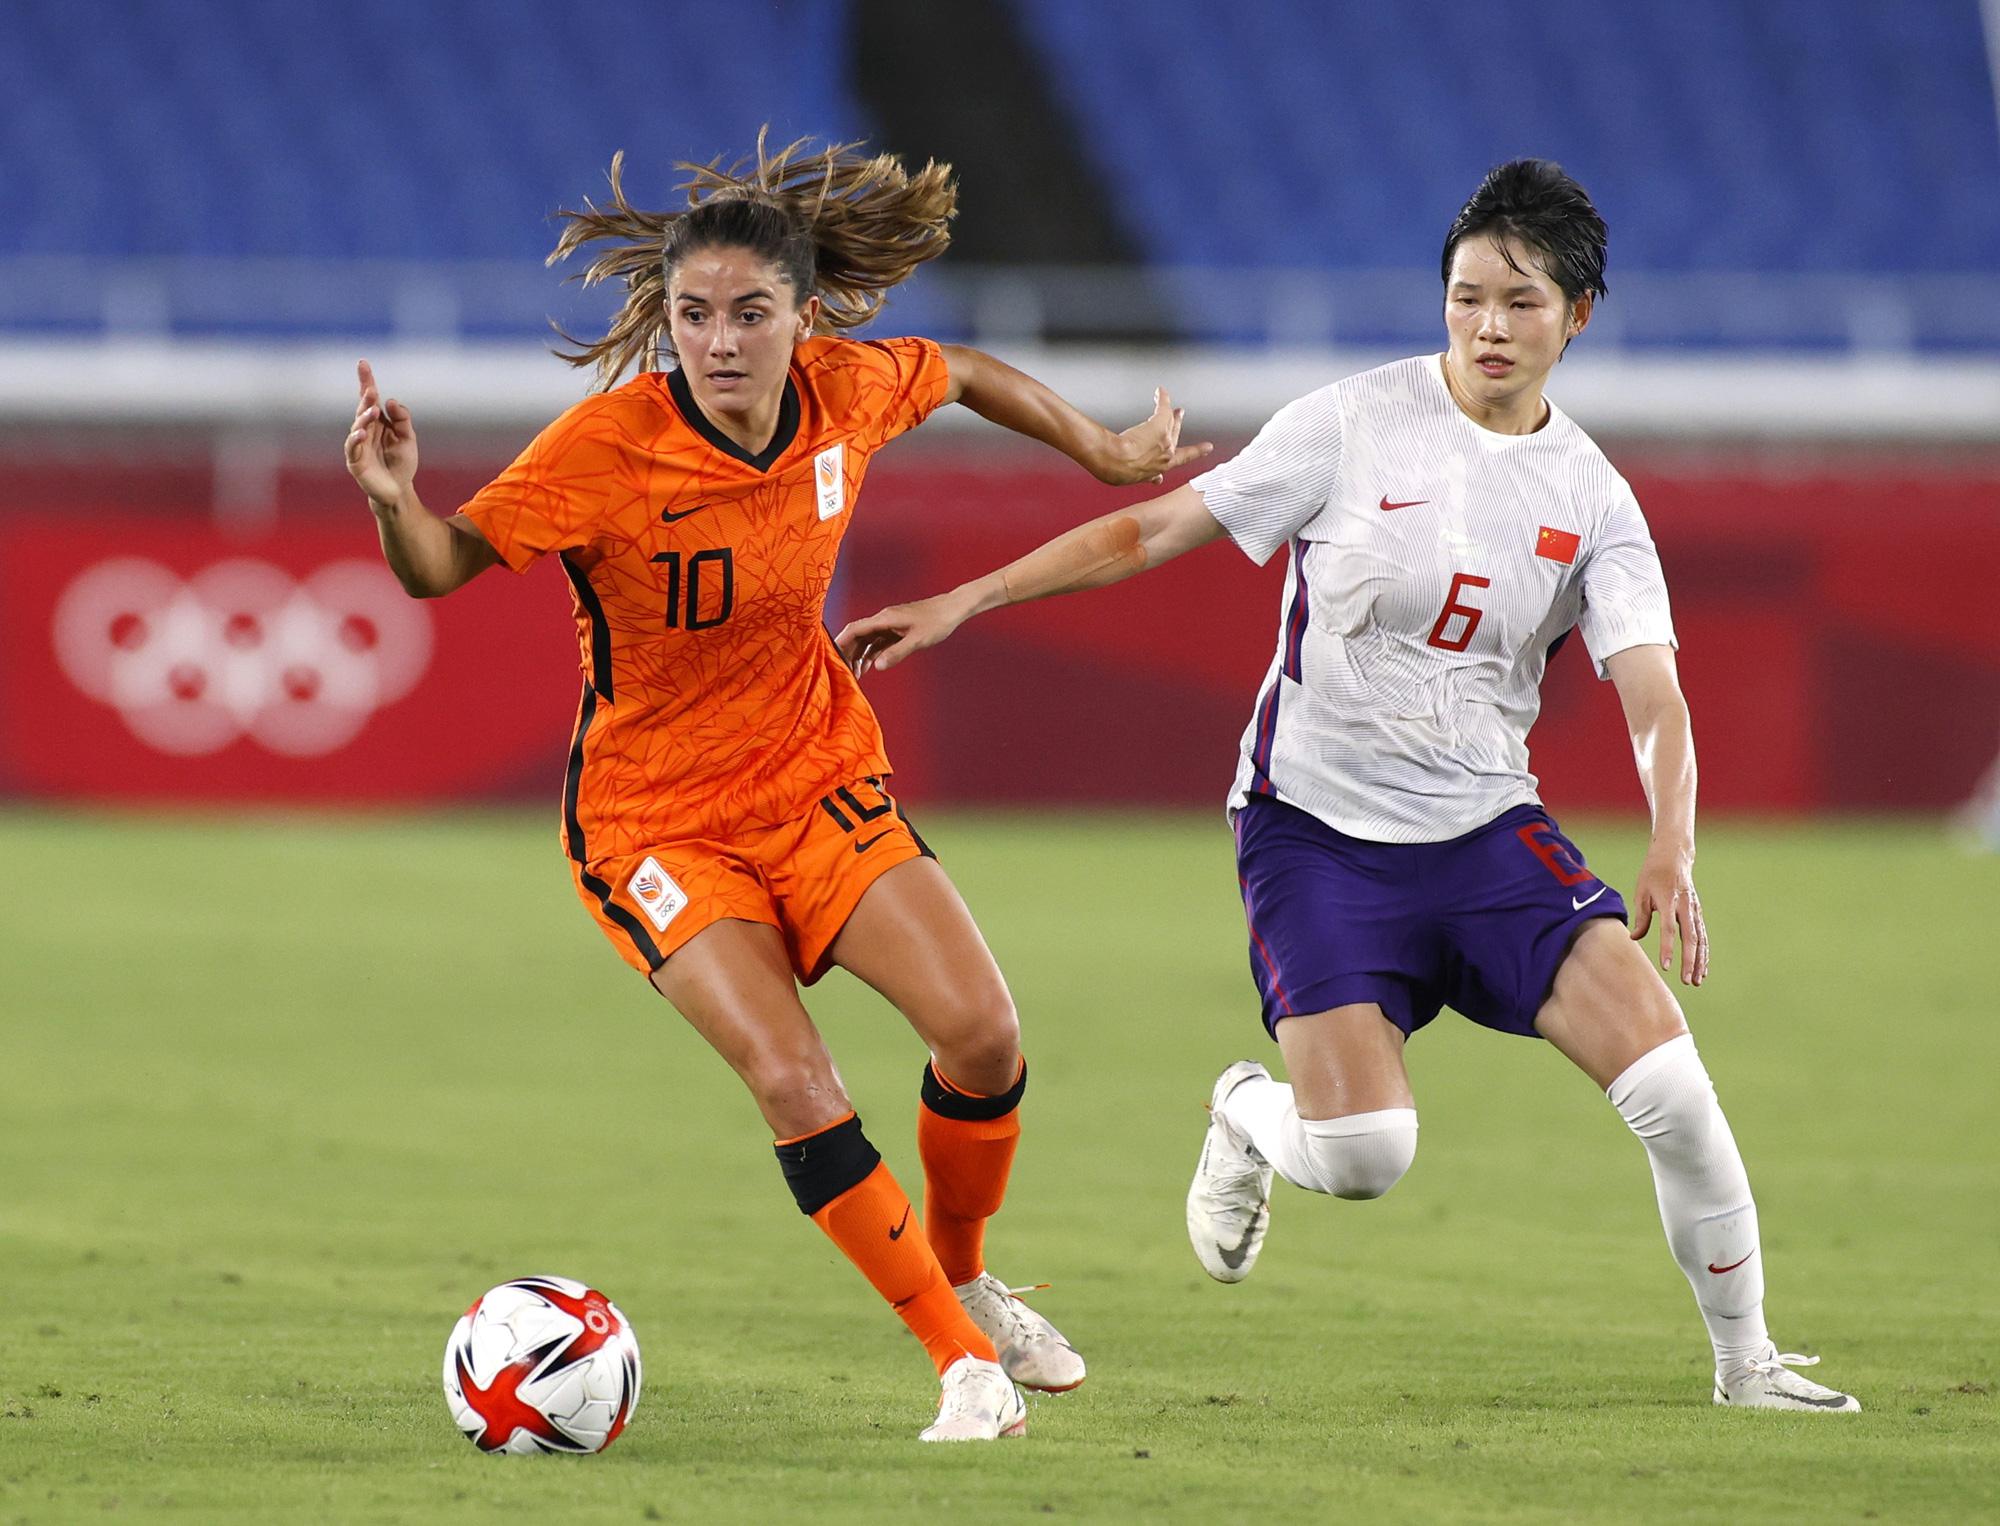 Olympic Tokyo 2020: Tuyển nữ Hà Lan muốn phá dớp toàn thua trước Mỹ - Ảnh 1.